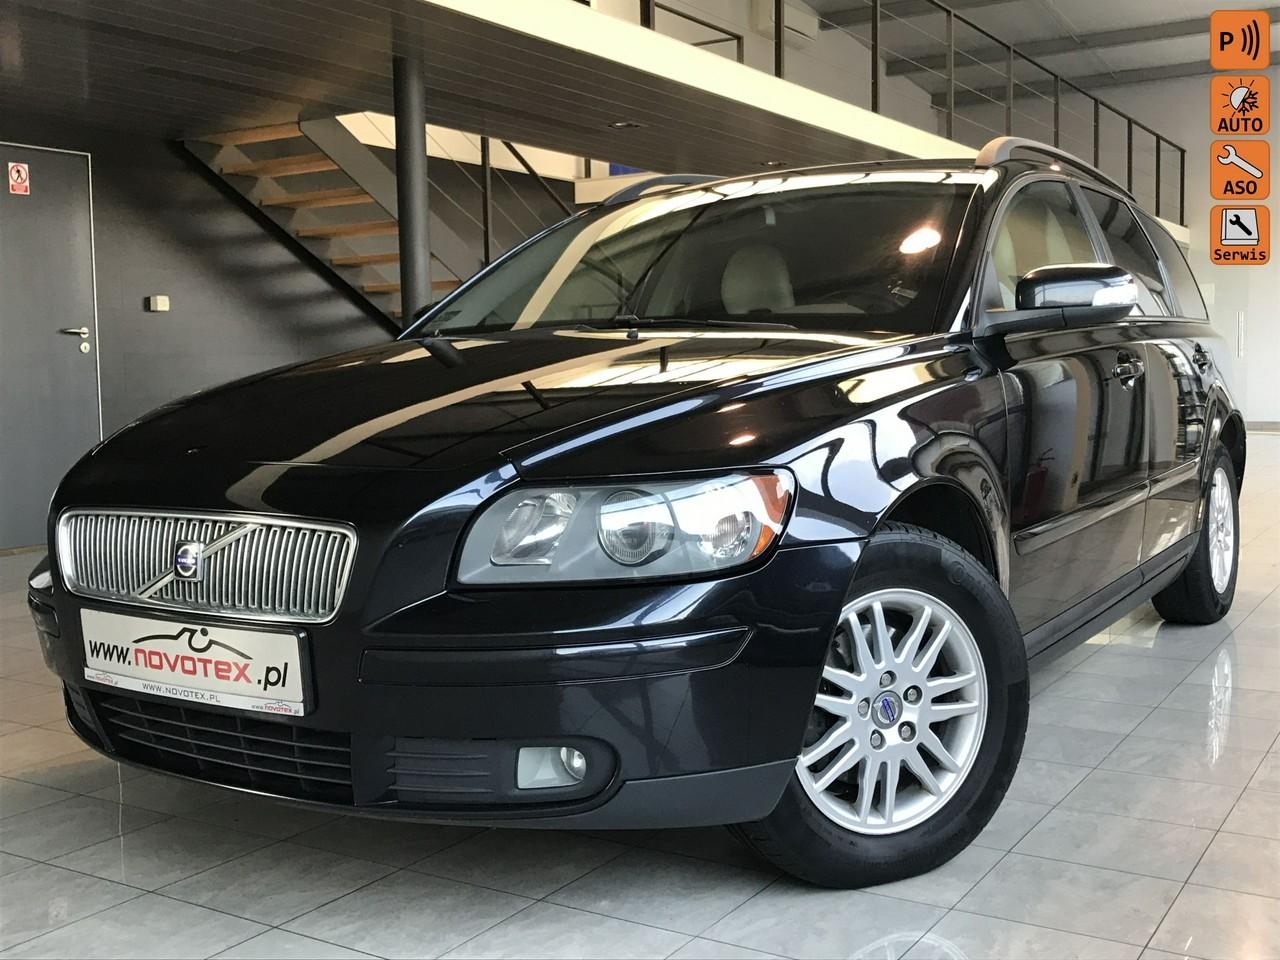 Volvo V50 1.6D*Momentum*skóra*alu*tempomat*serwis w ASO*gwarancja VIP Service